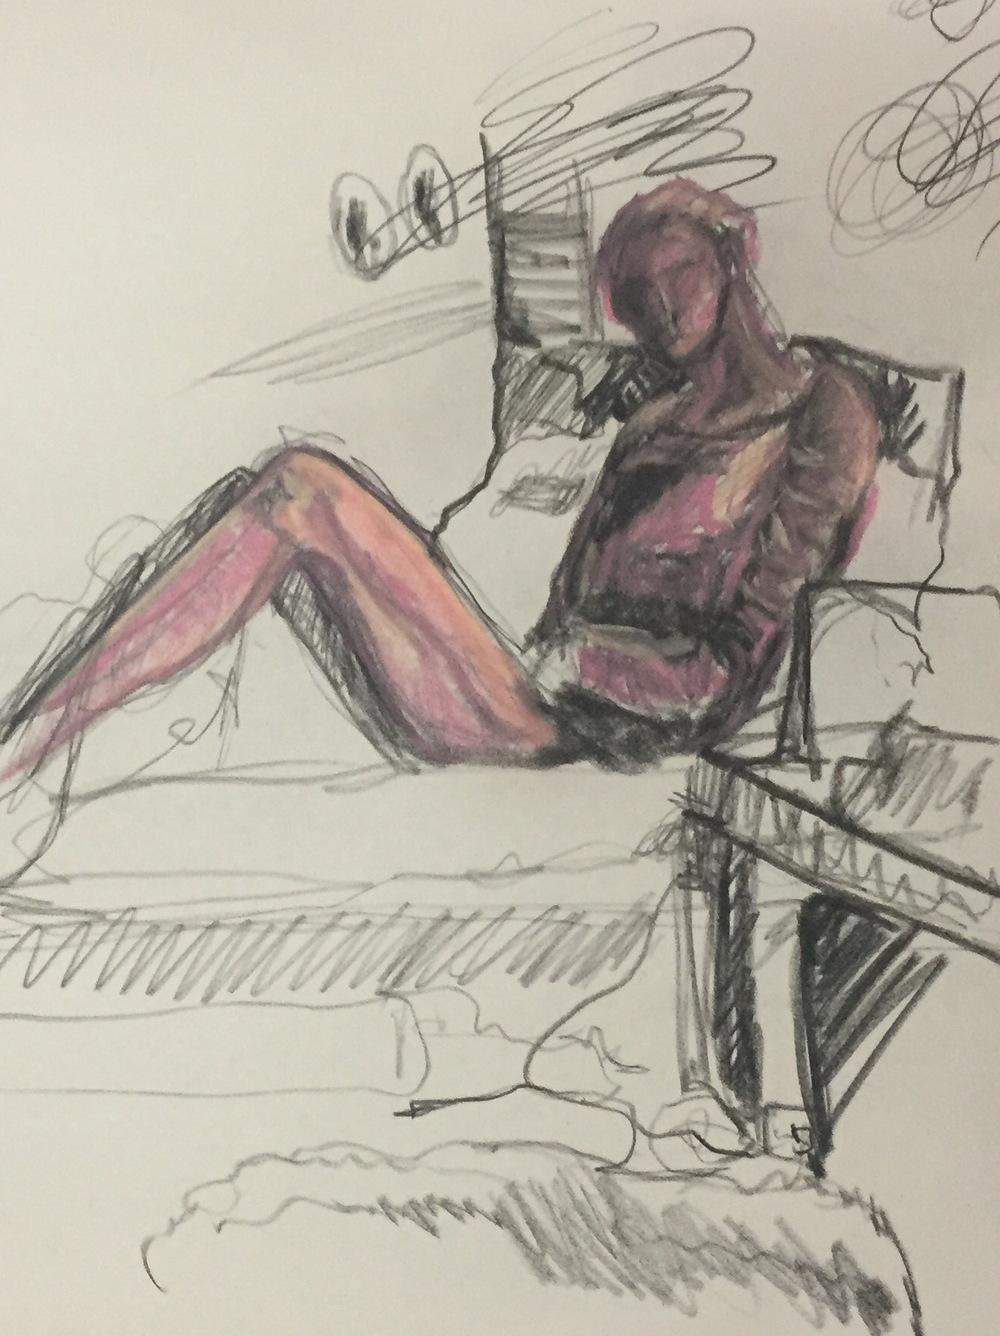 Self-Portrait: Impatient Hope, Charcoal & Conte Crayon, Spring 2015